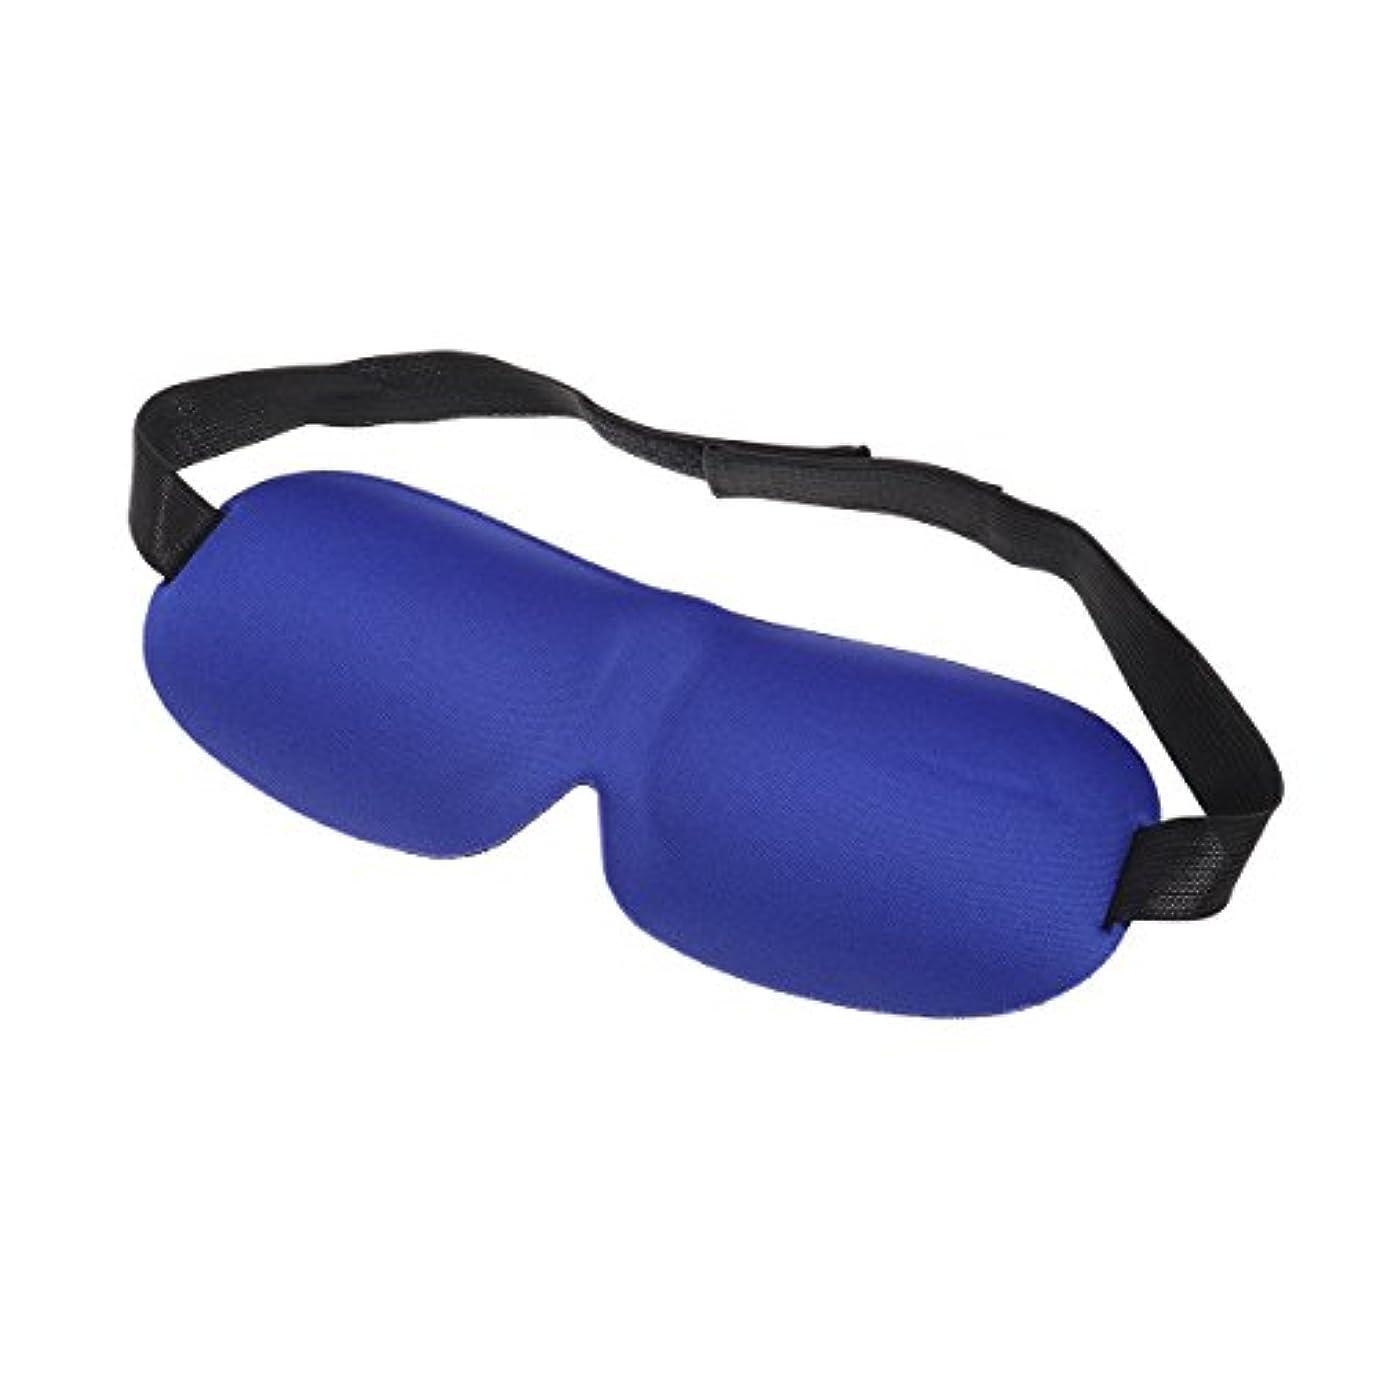 勃起アドバンテージ忌み嫌うROSENICE アイマスク 遮光 睡眠 軽量 目隠し 圧迫感なし 調節可能 3D睡眠マスク(ブルー)